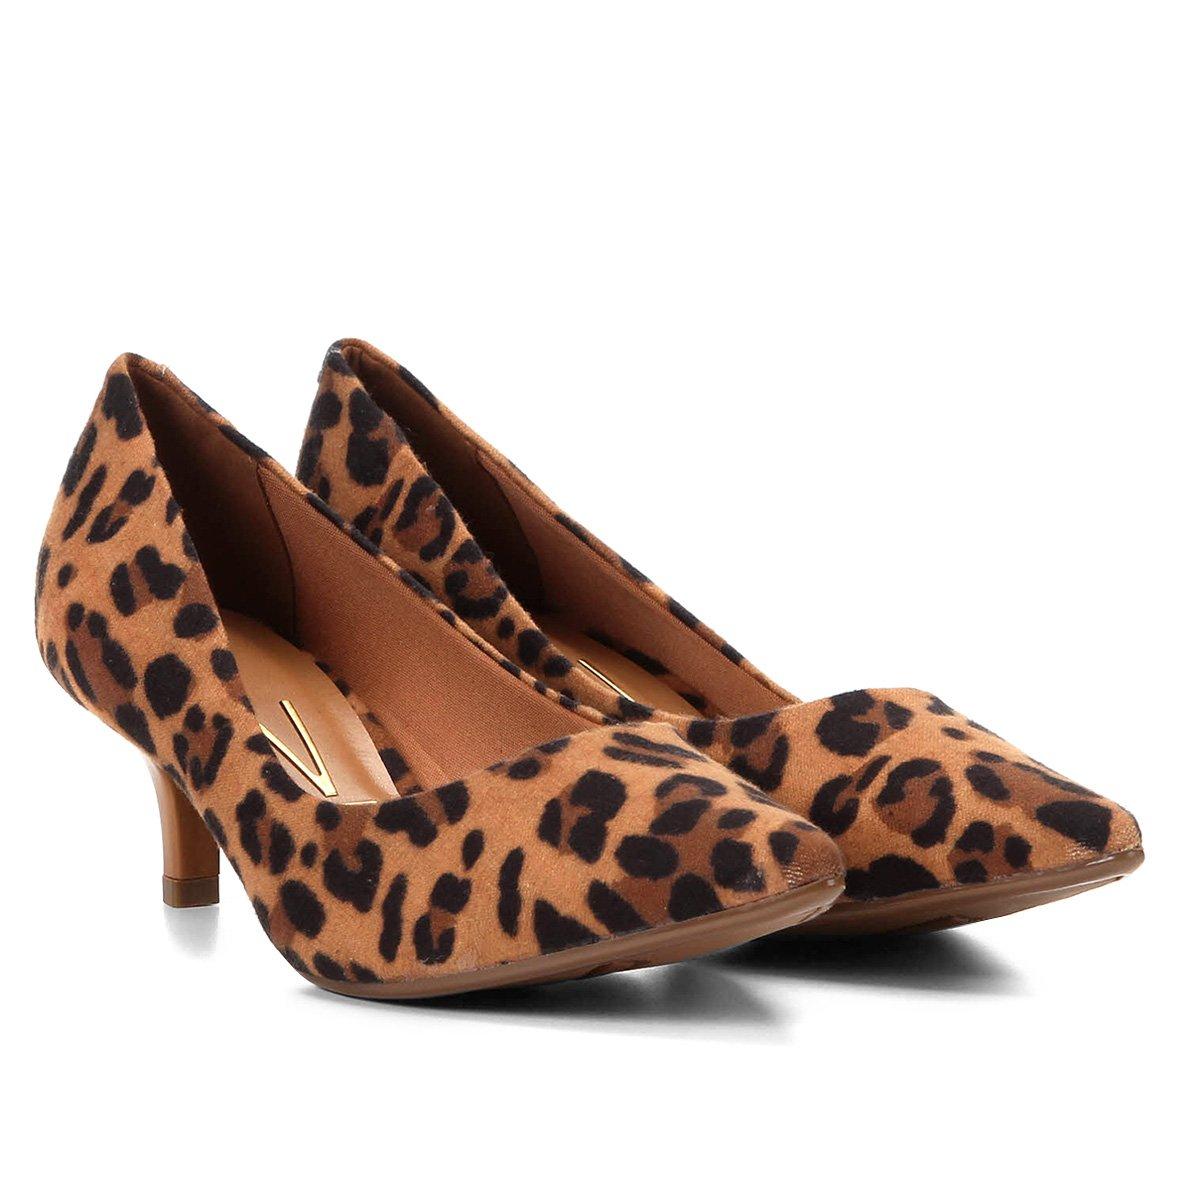 39671f8e87 Sapato Scarpin Animal Print Salto Baixo Vizzano Animal Print - MM Concept